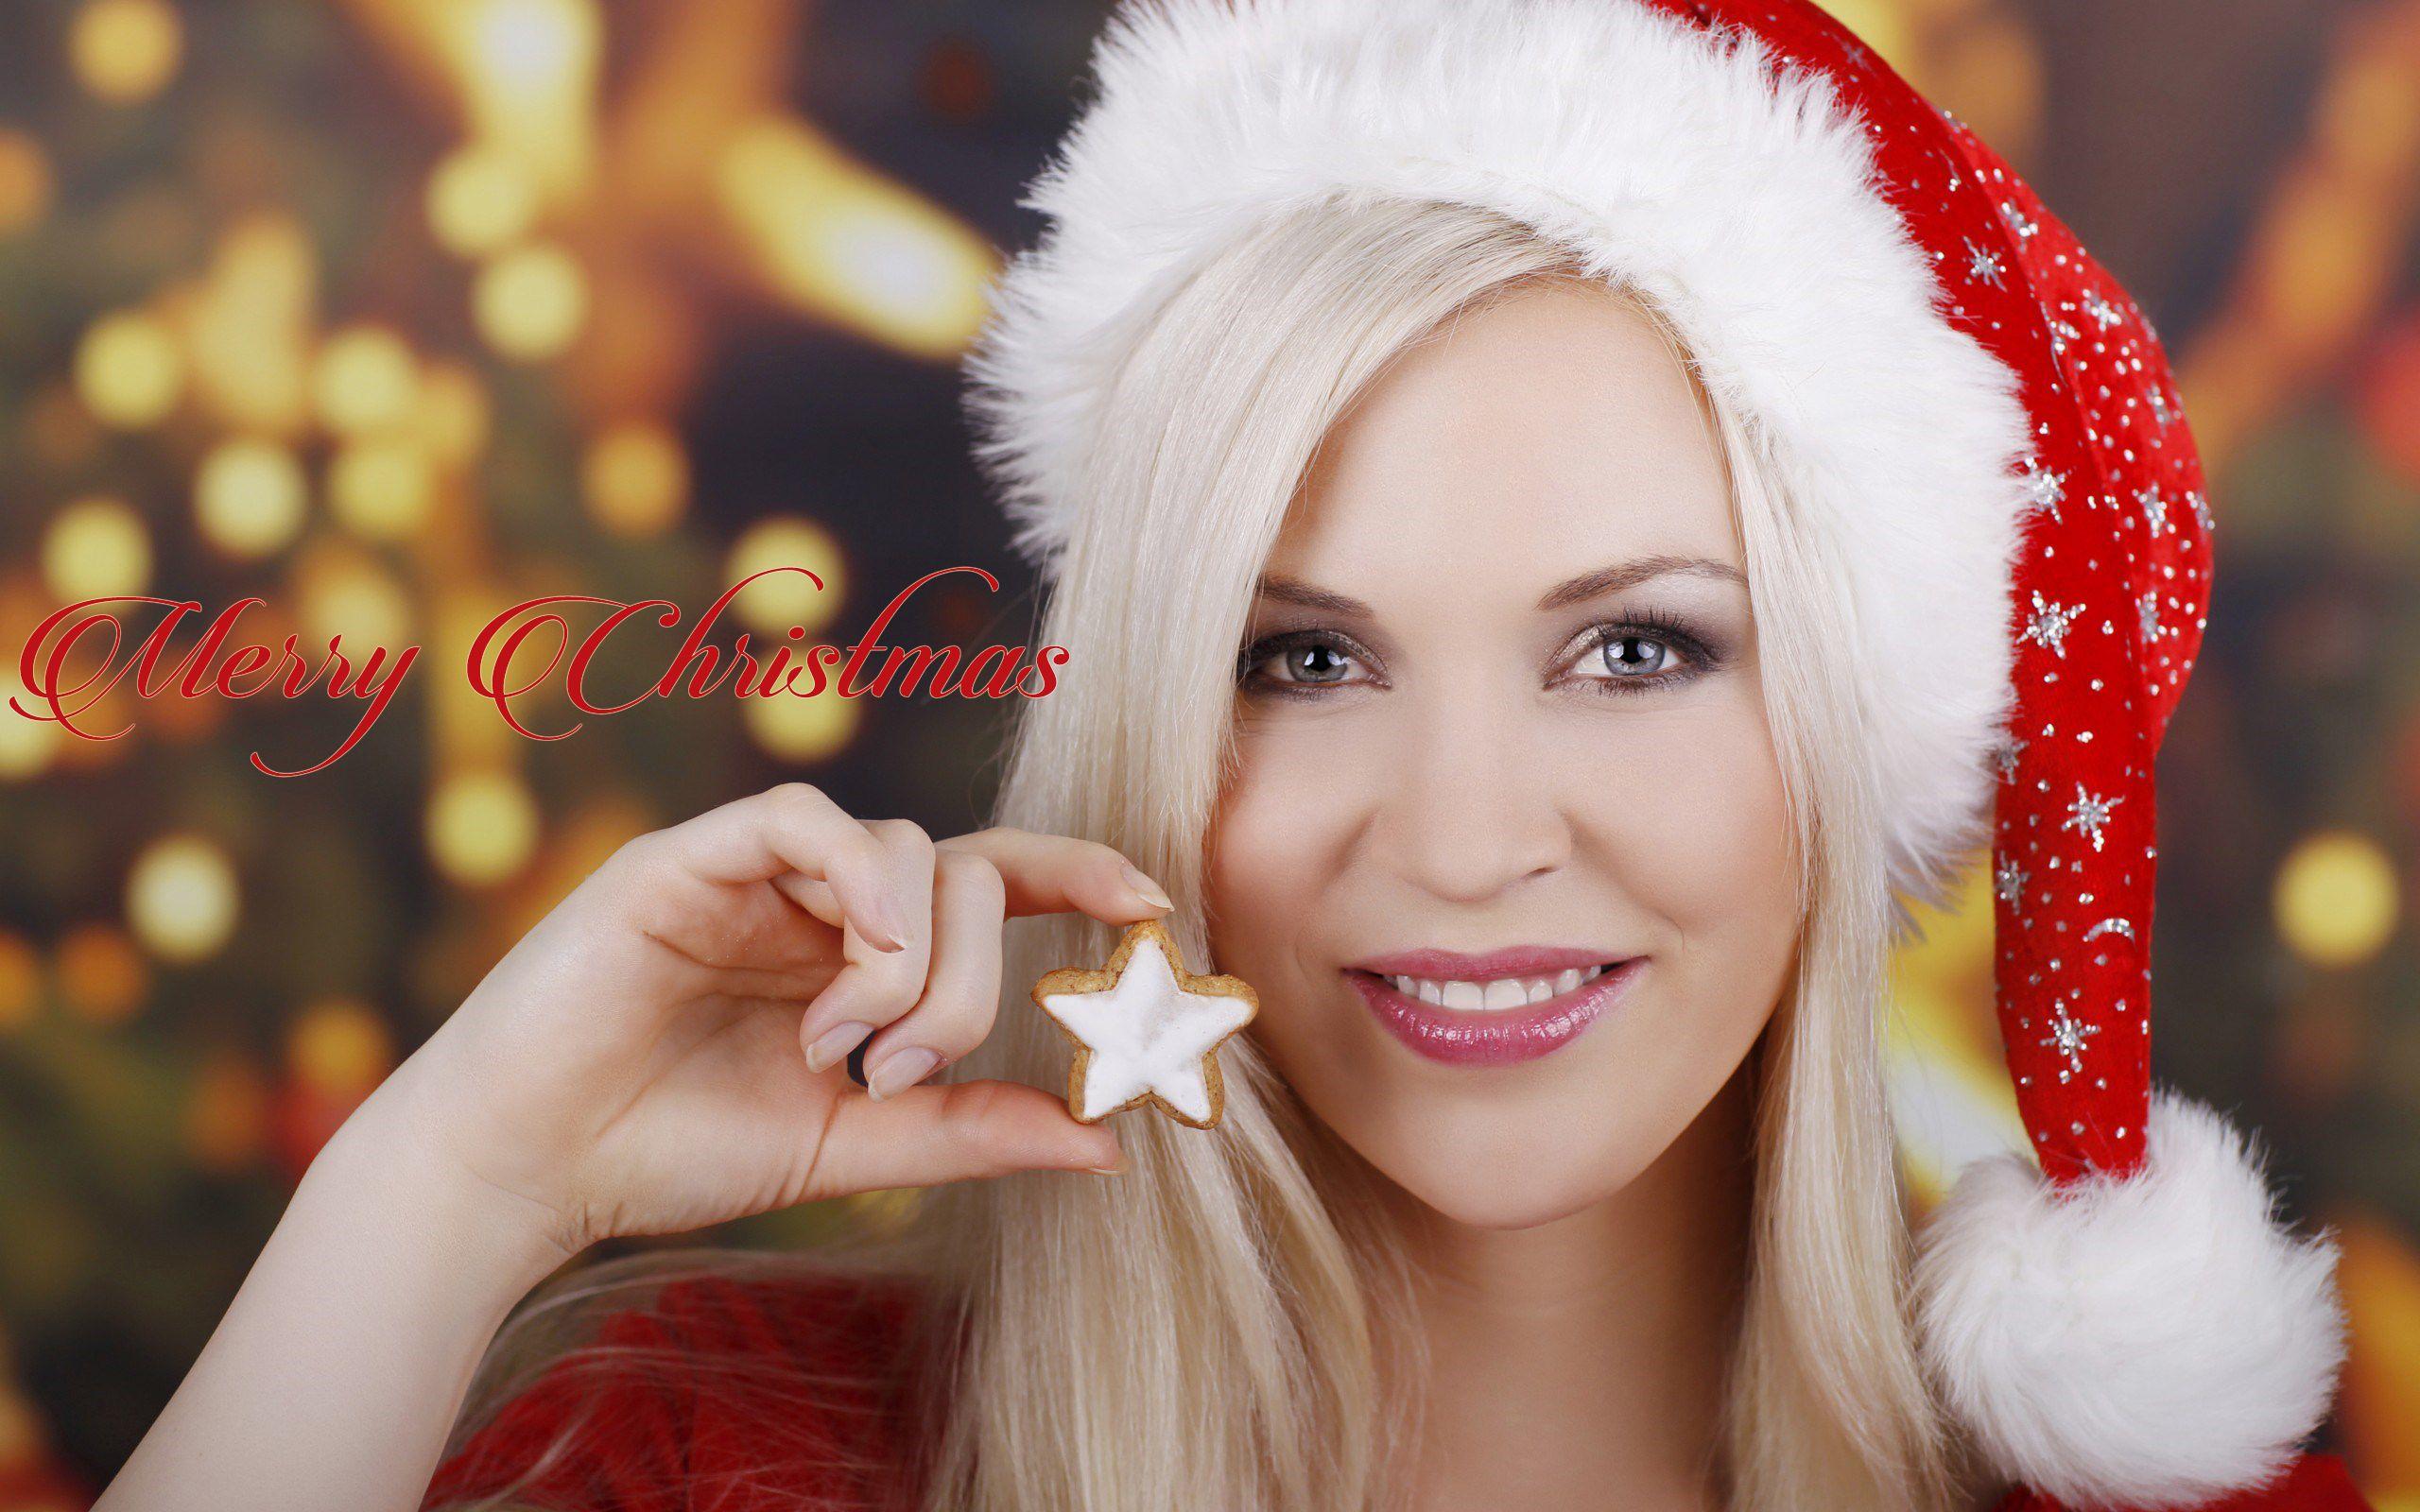 Fotografia Winylowa Boze Narodzenie Tla Snowflake Gwiazda Komputer Wydrukowano Noworodka Fotografia Rekwizyt Winter Trees Digital Backdrops Christmas Wallpaper